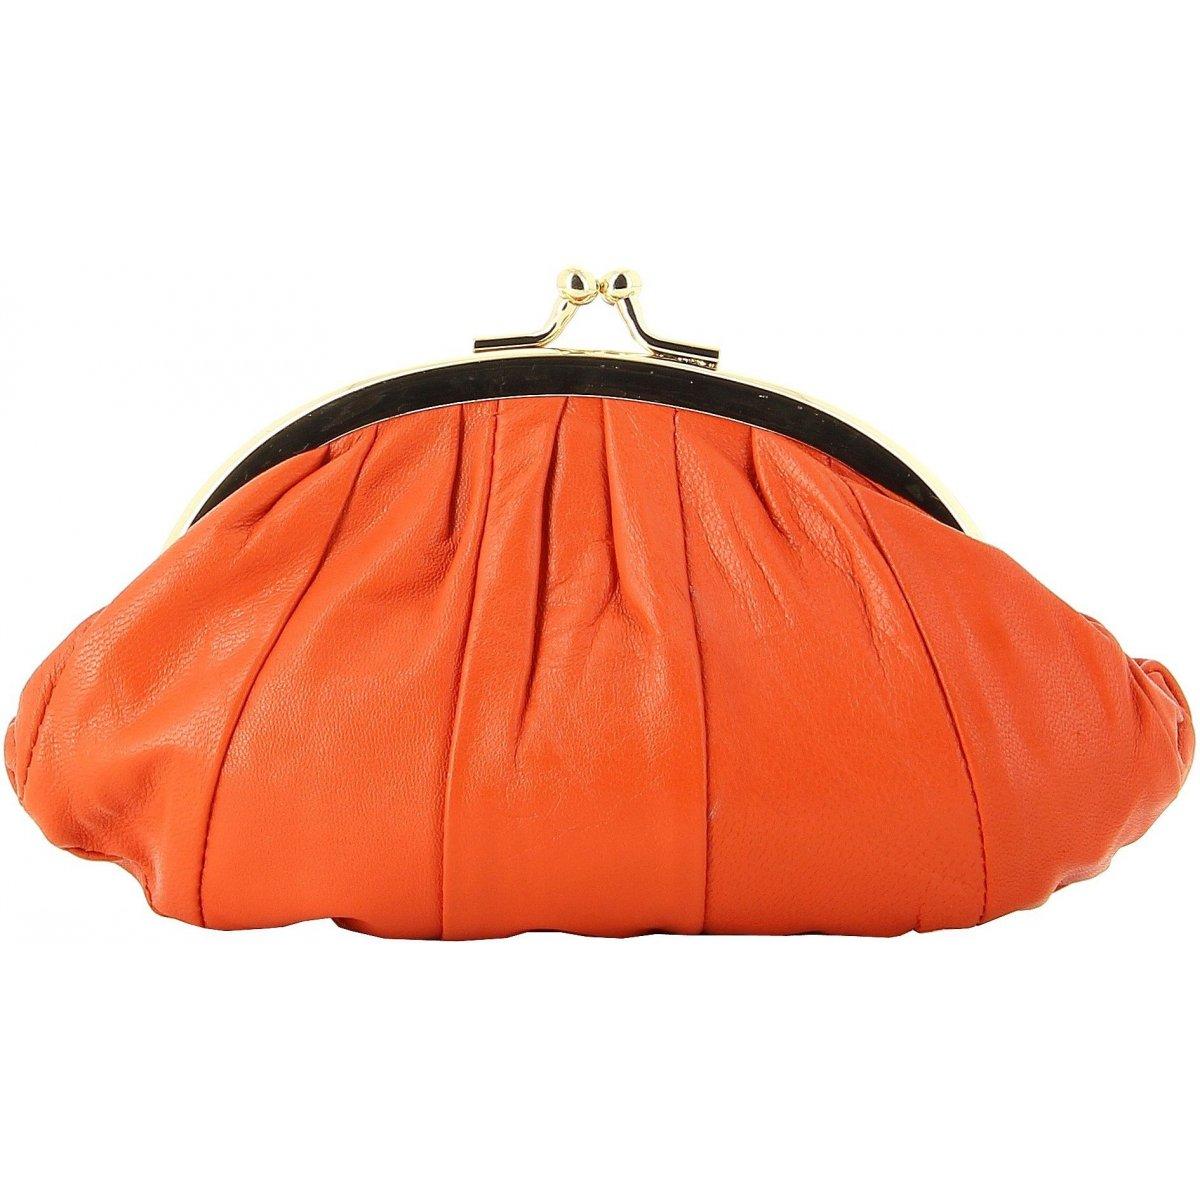 porte monnaie bleucerise en cuir 705 couleur principale orange. Black Bedroom Furniture Sets. Home Design Ideas